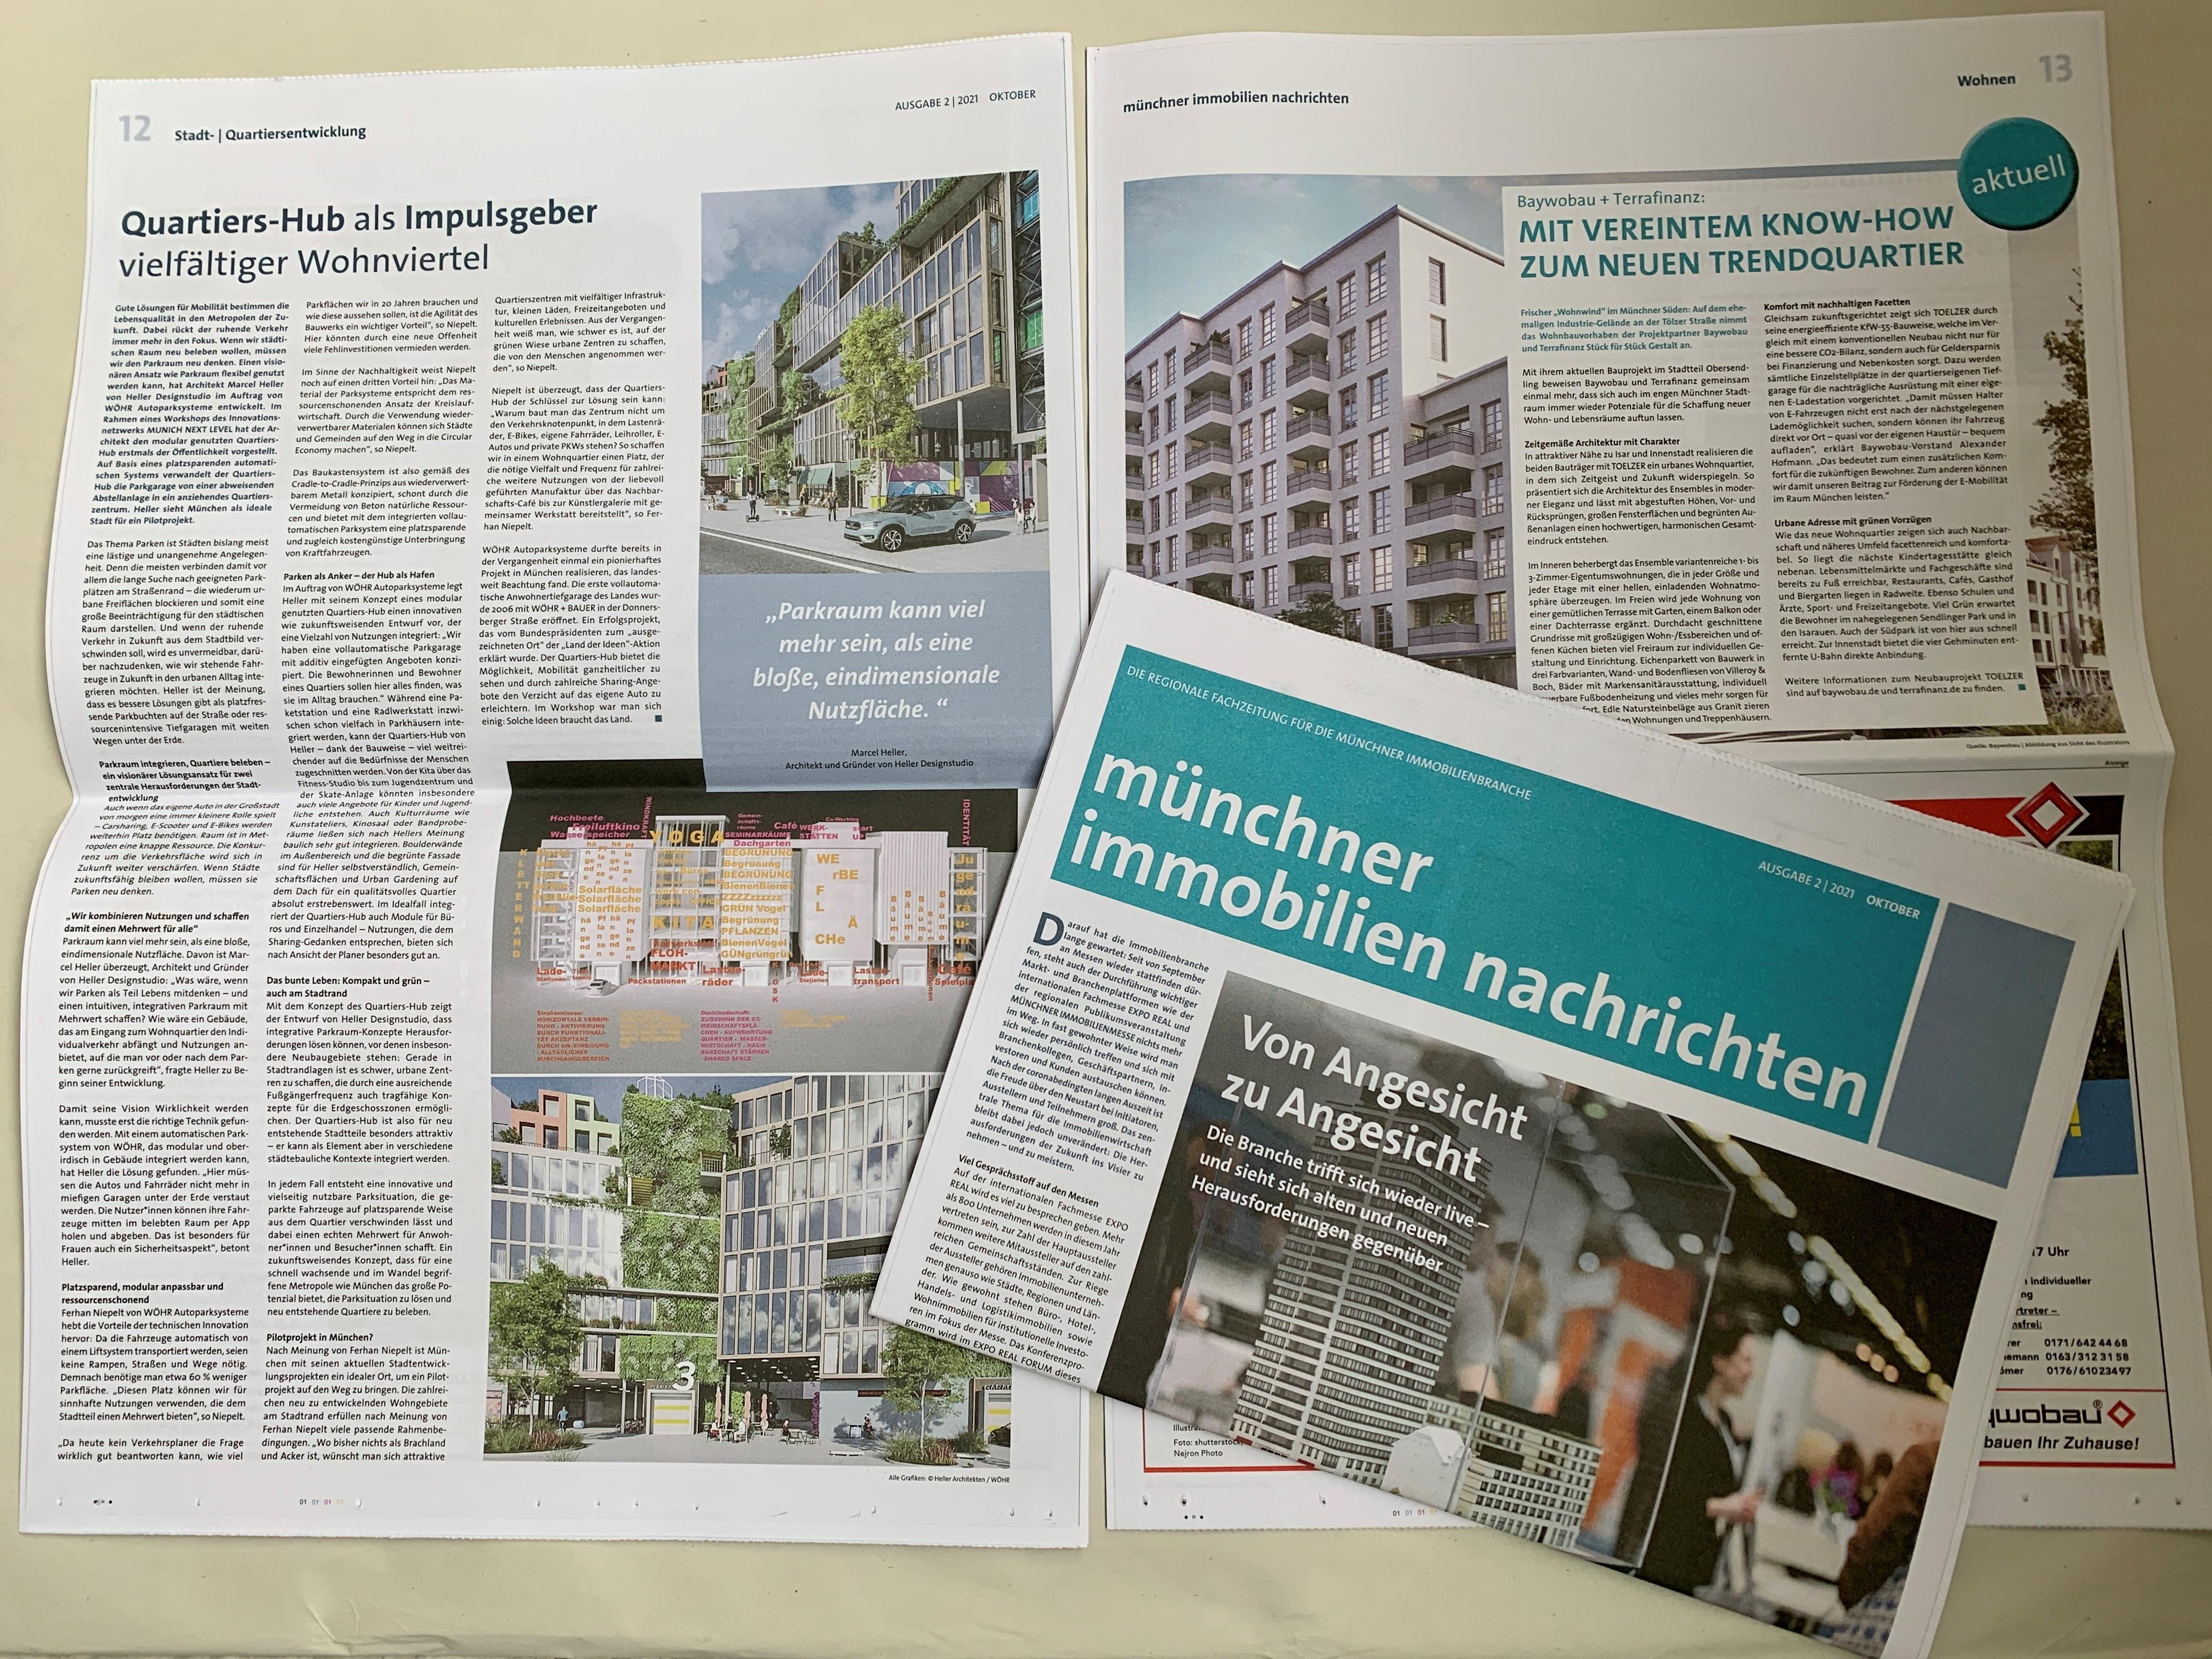 Münchner Immobilien Nachrichten